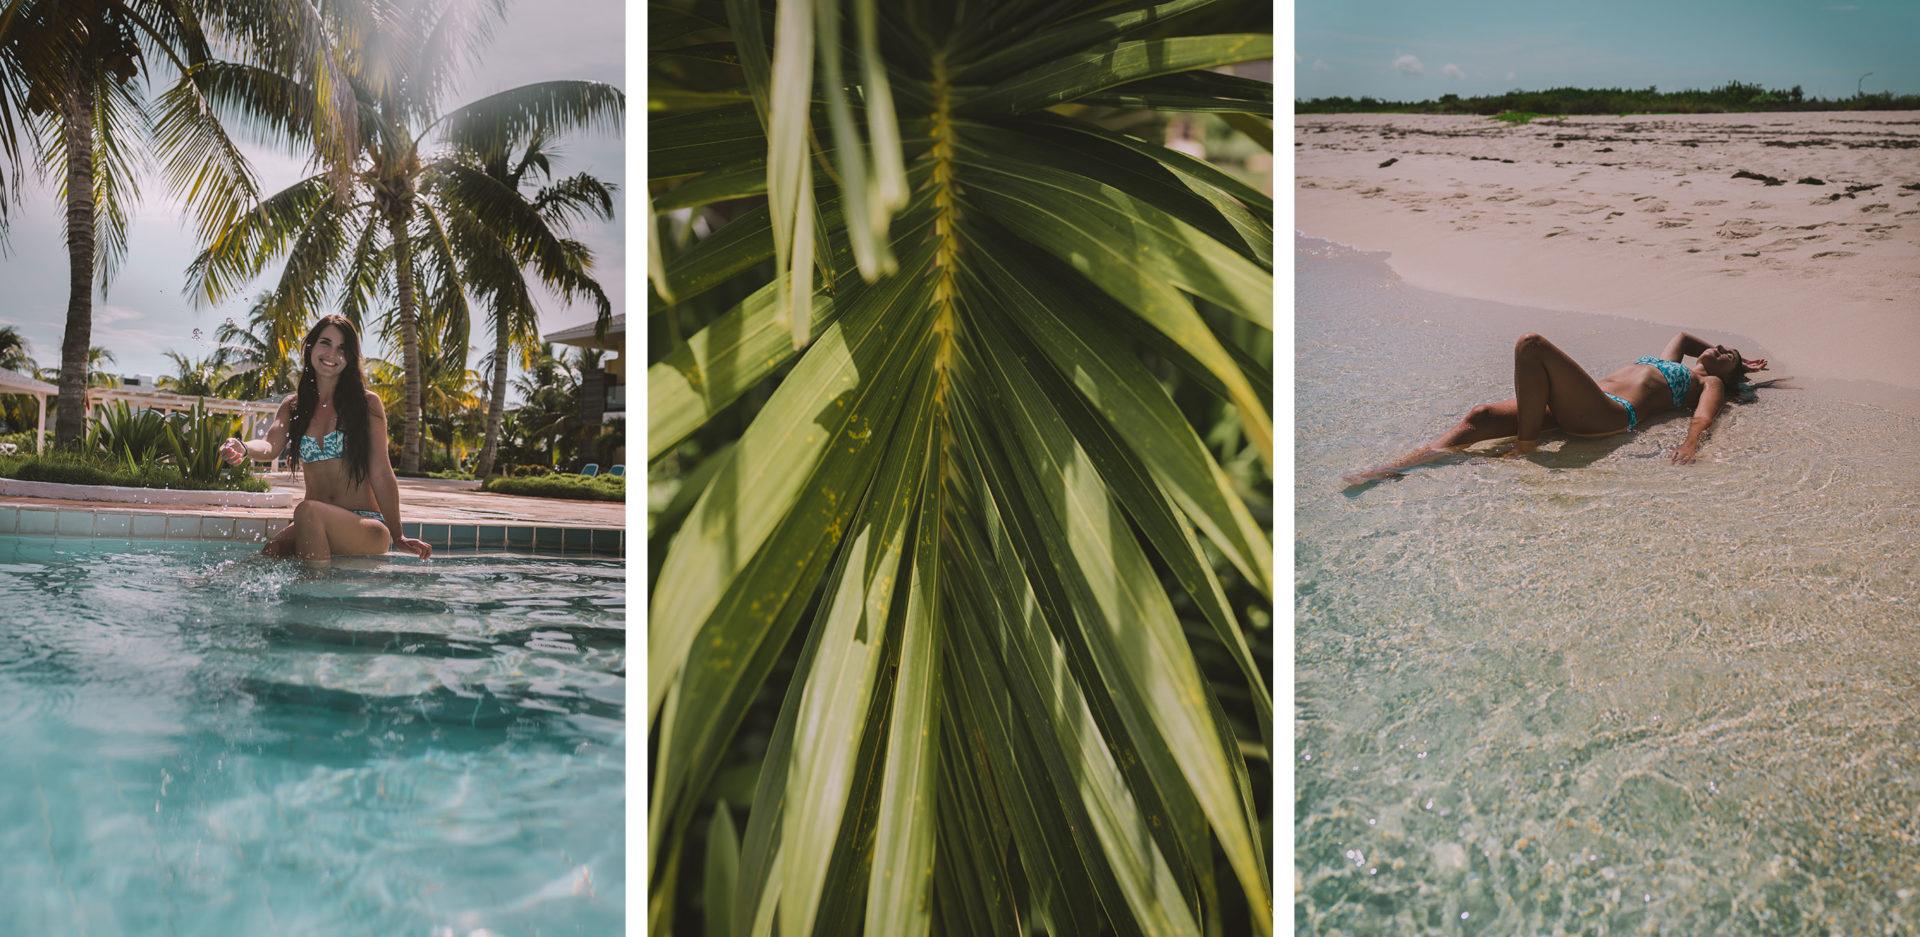 Avis Voyage Privé, hôtel de luxe à Cuba